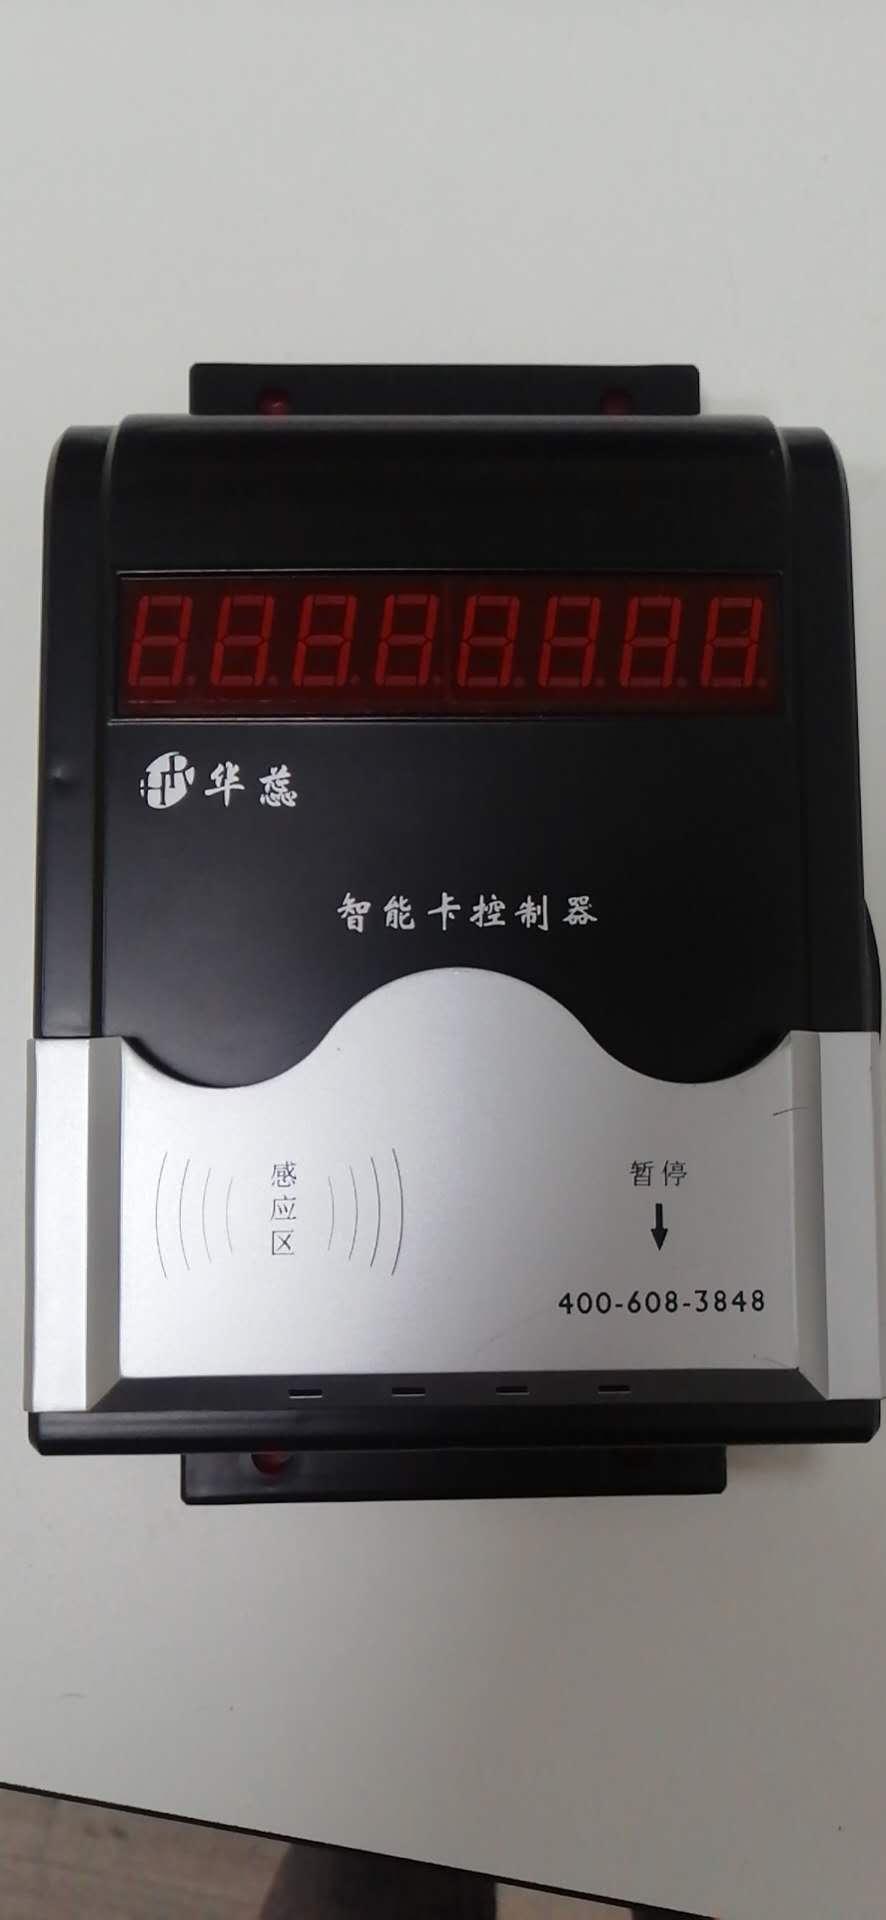 用水用电刷卡机,白领公寓刷卡水表,宾馆浴室一体水表